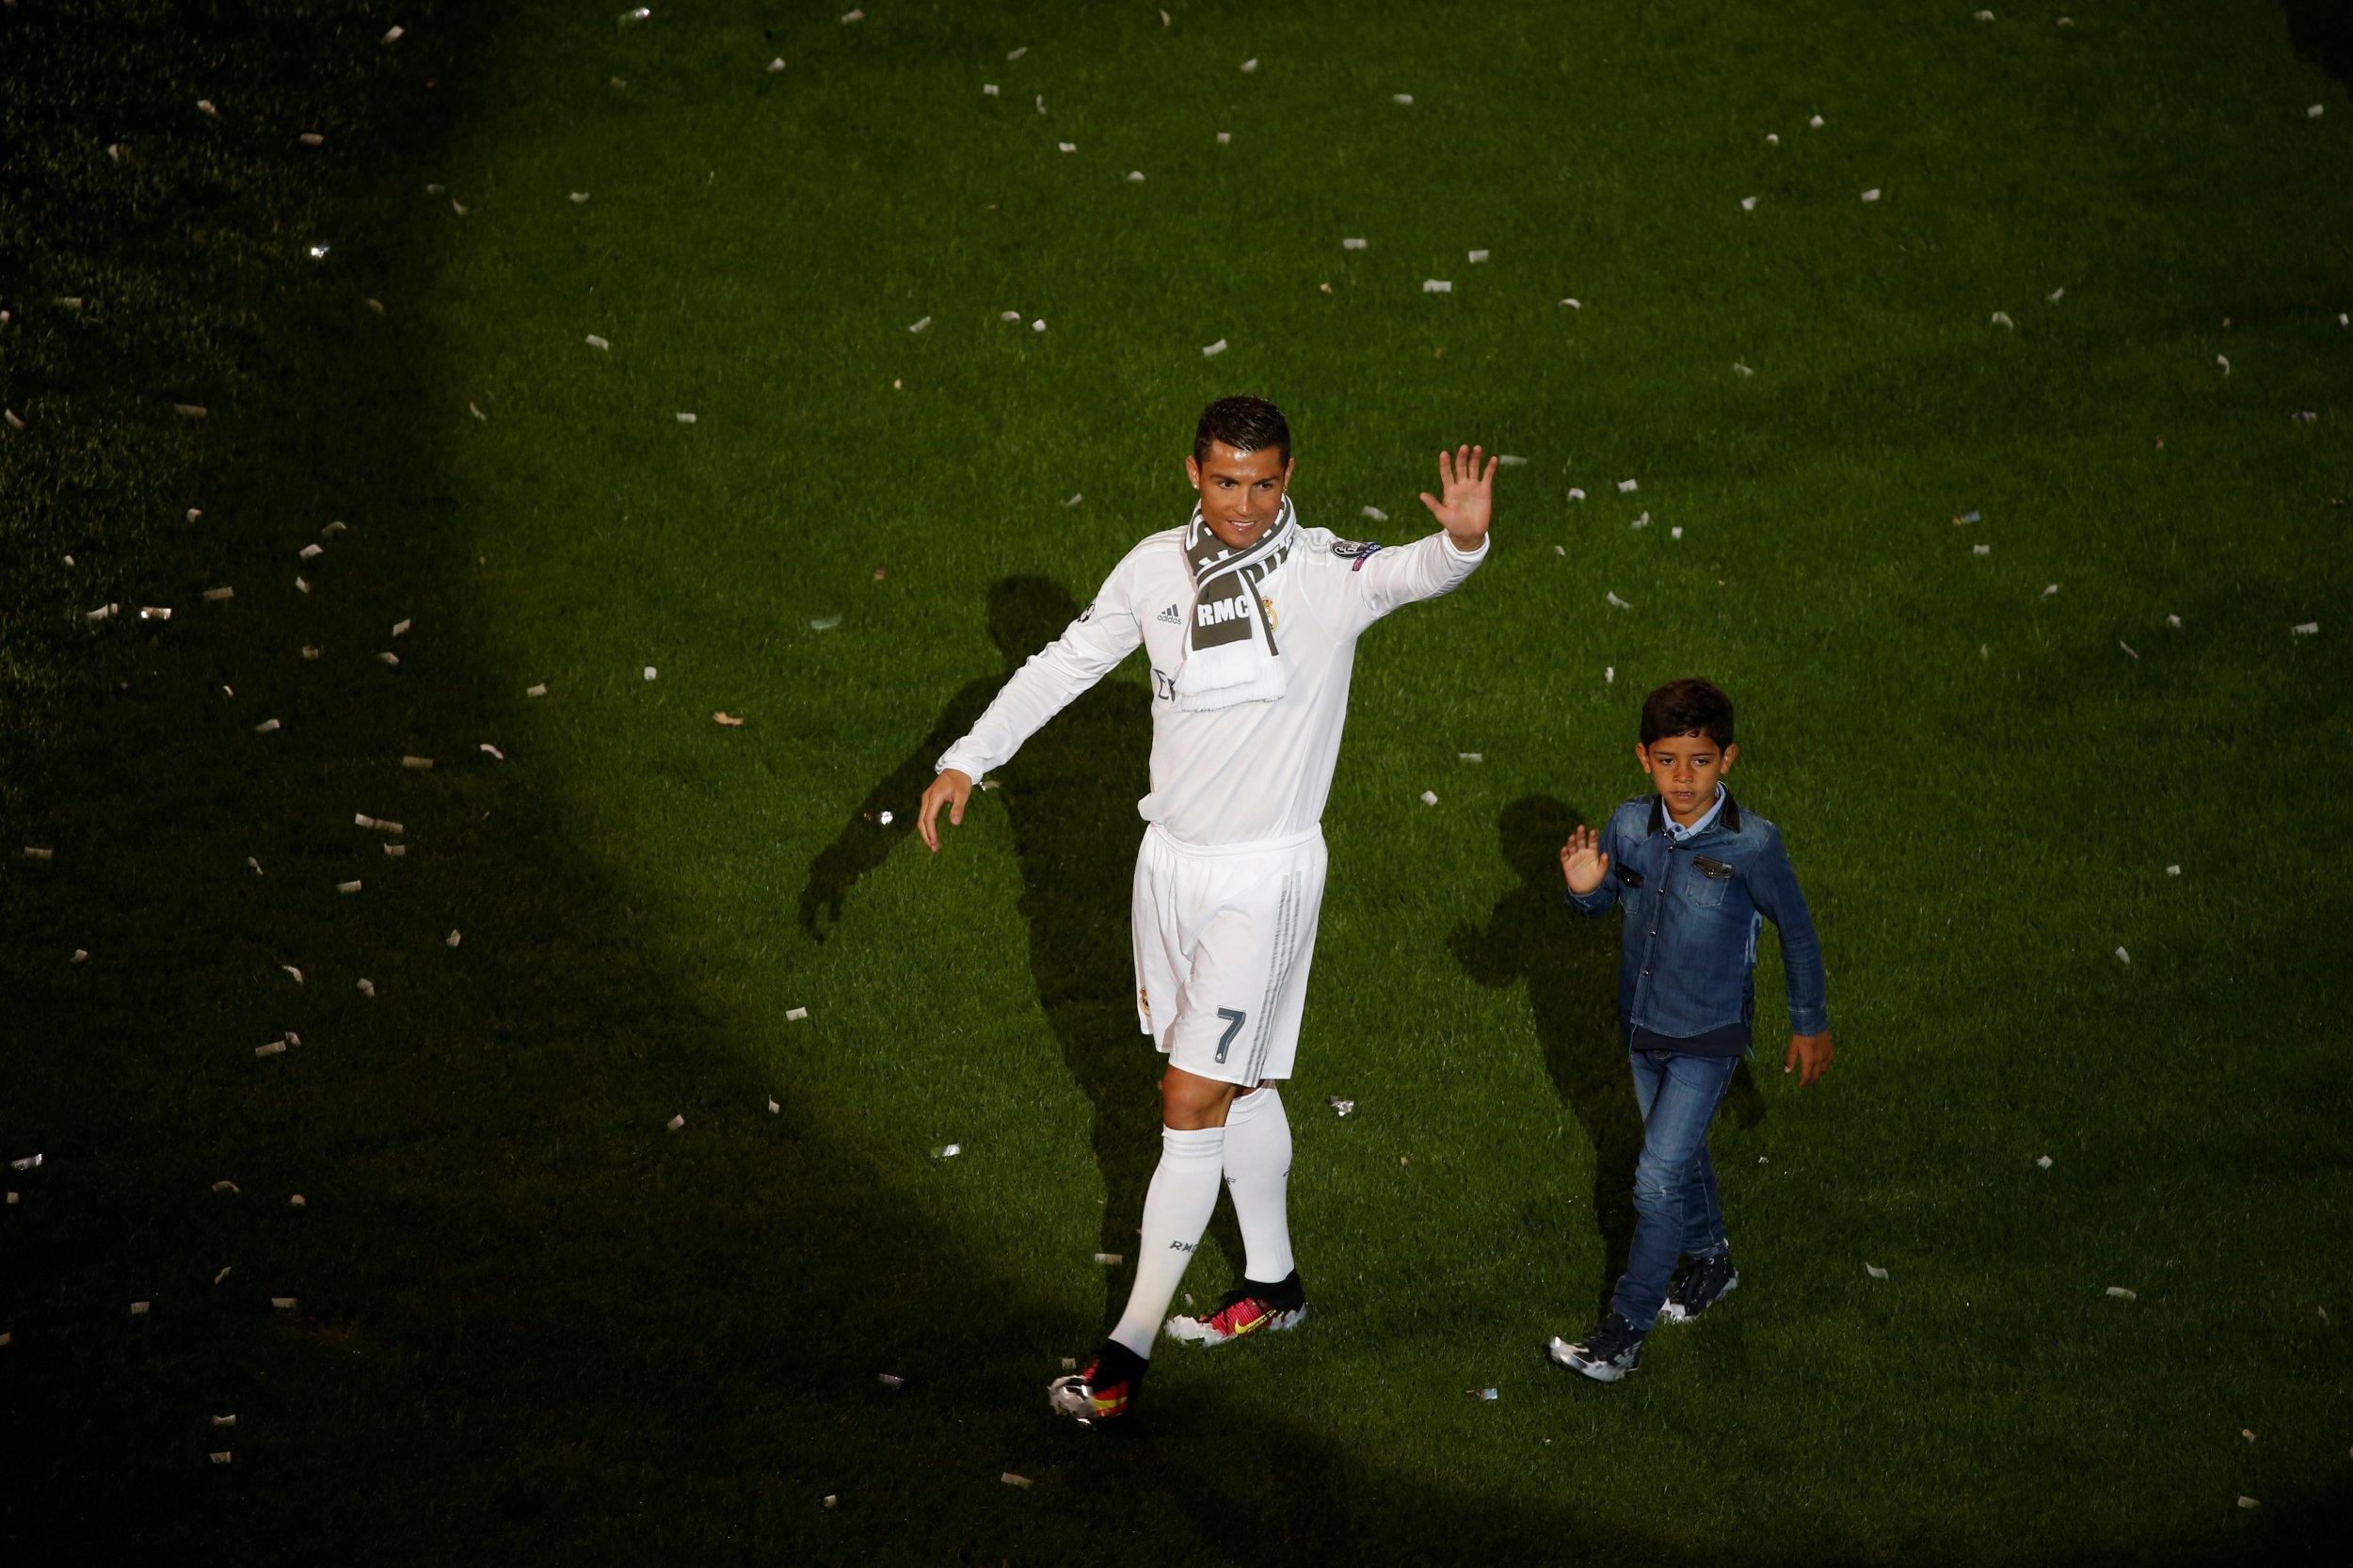 Cristiano Ronaldo celebrates with his son.